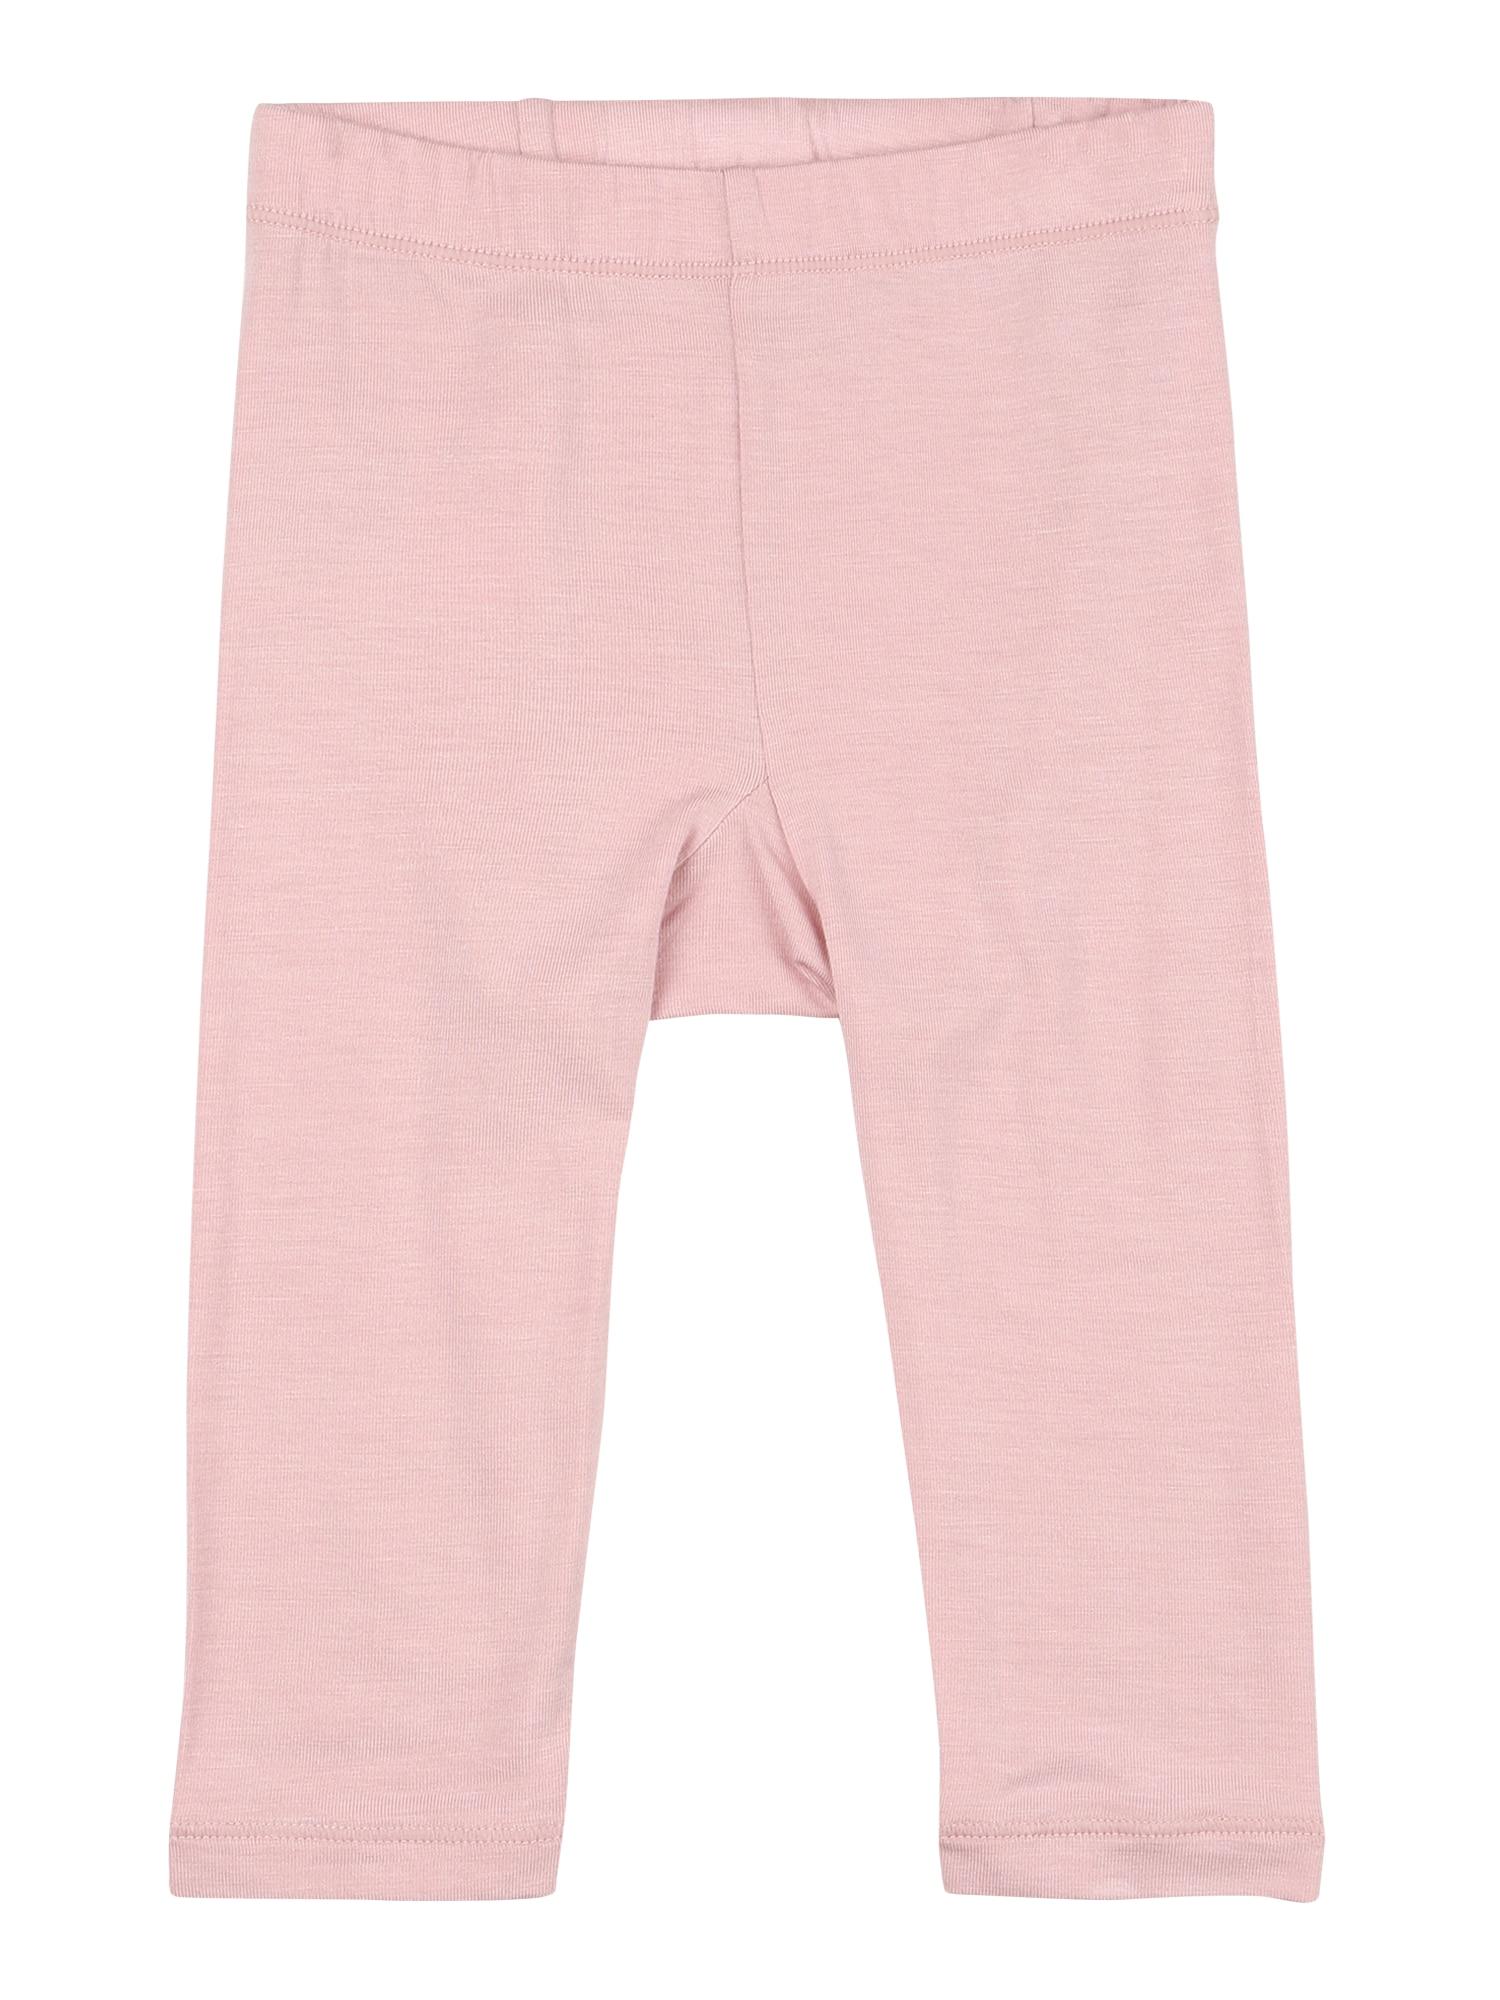 Hust & Claire Tamprės 'Luc' ryškiai rožinė spalva